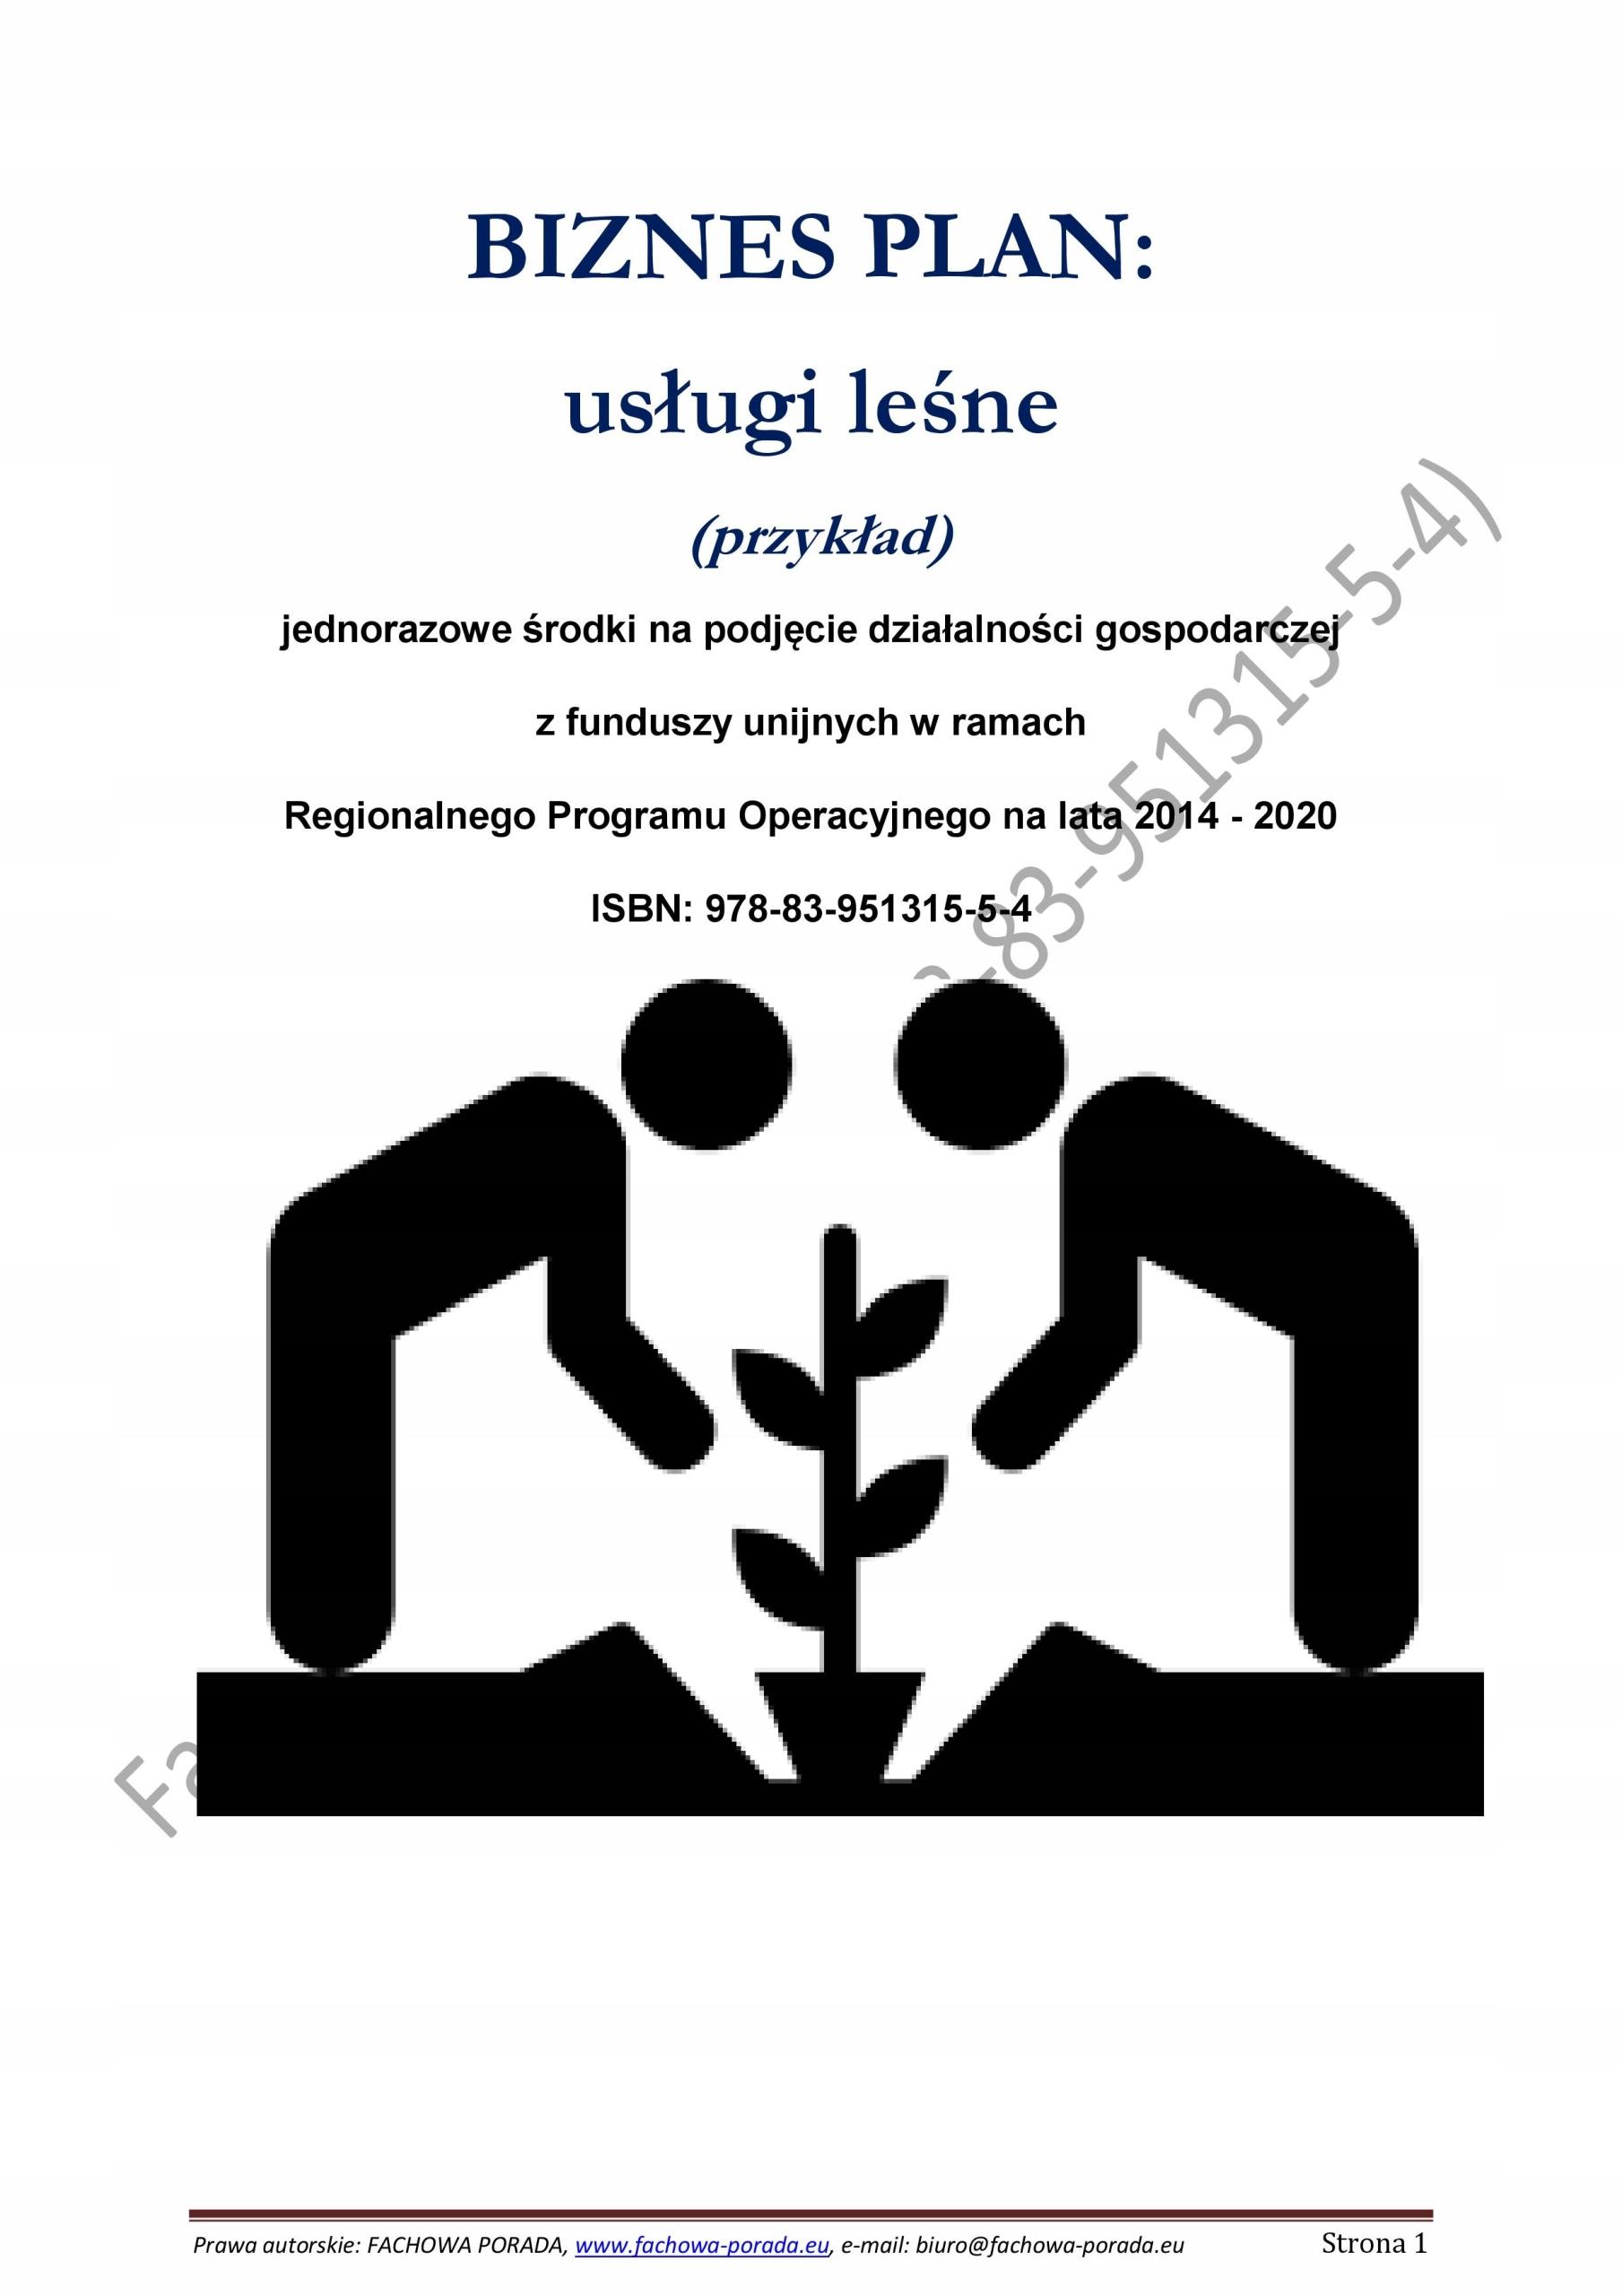 Biznesplan Uslugi Lesne 2018 Przyklad 39 90 Zl Allegro Pl Raty 0 Darmowa Dostawa Ze Smart Serock Stan Nowy Id Oferty 7527790074